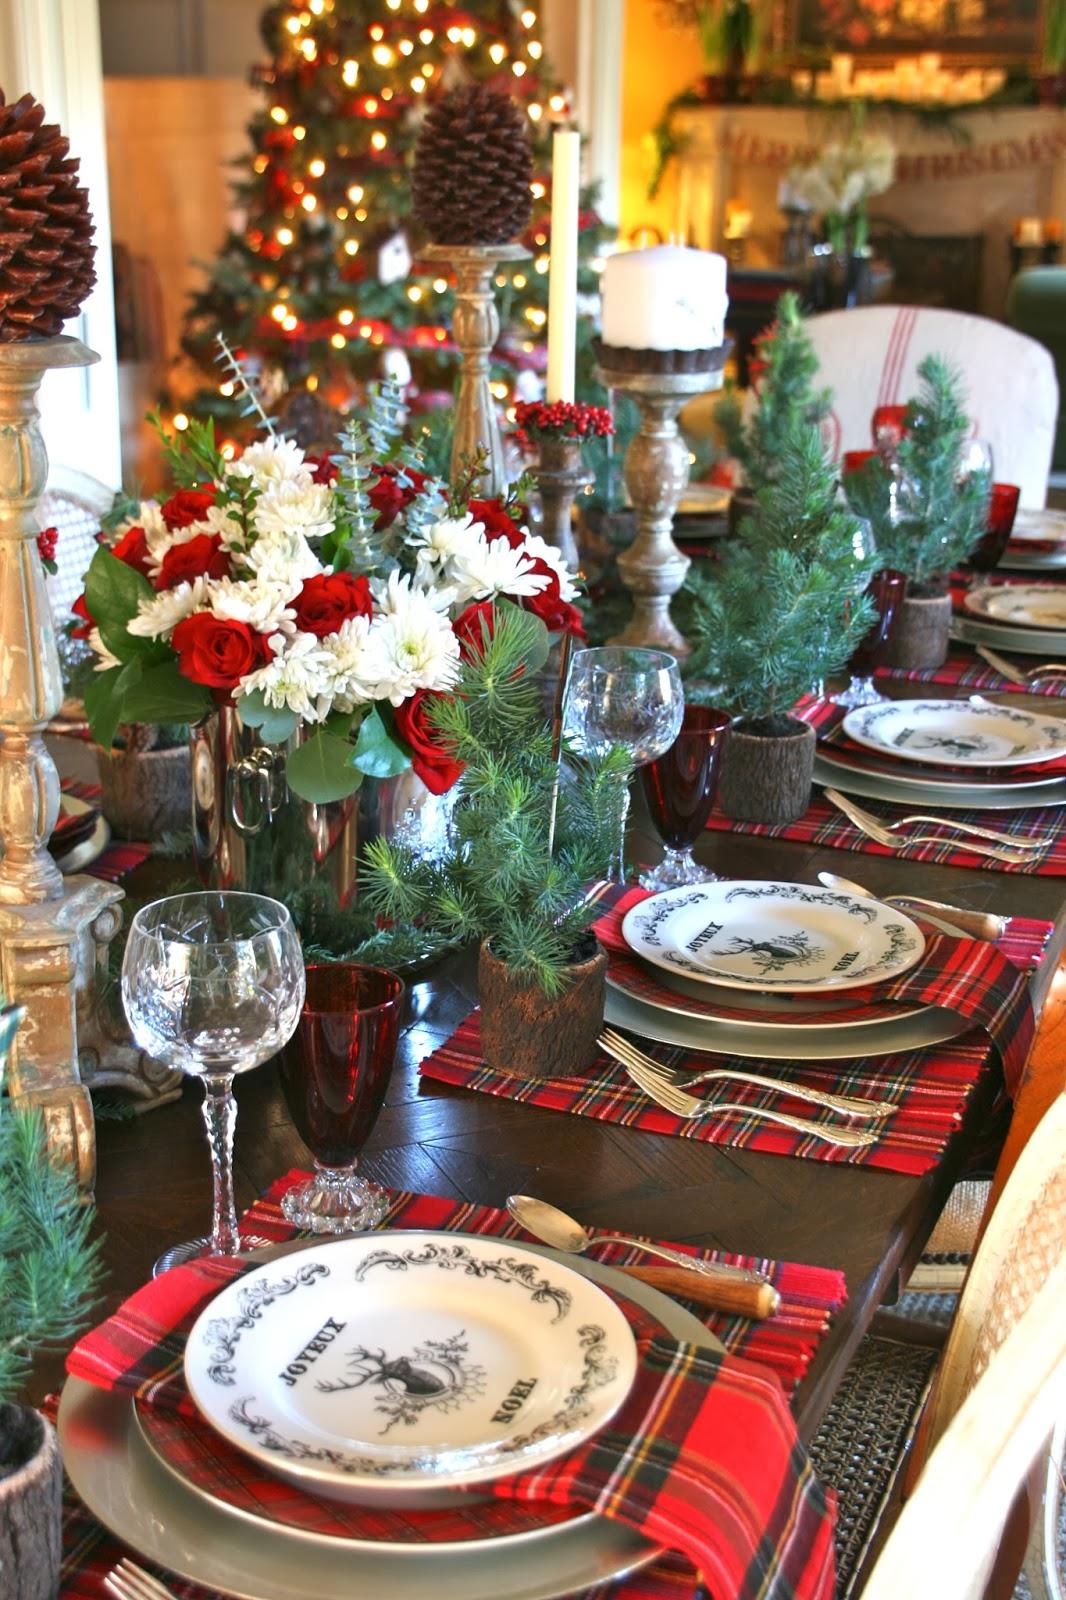 Vignette Design A Christmas Day Tablescape